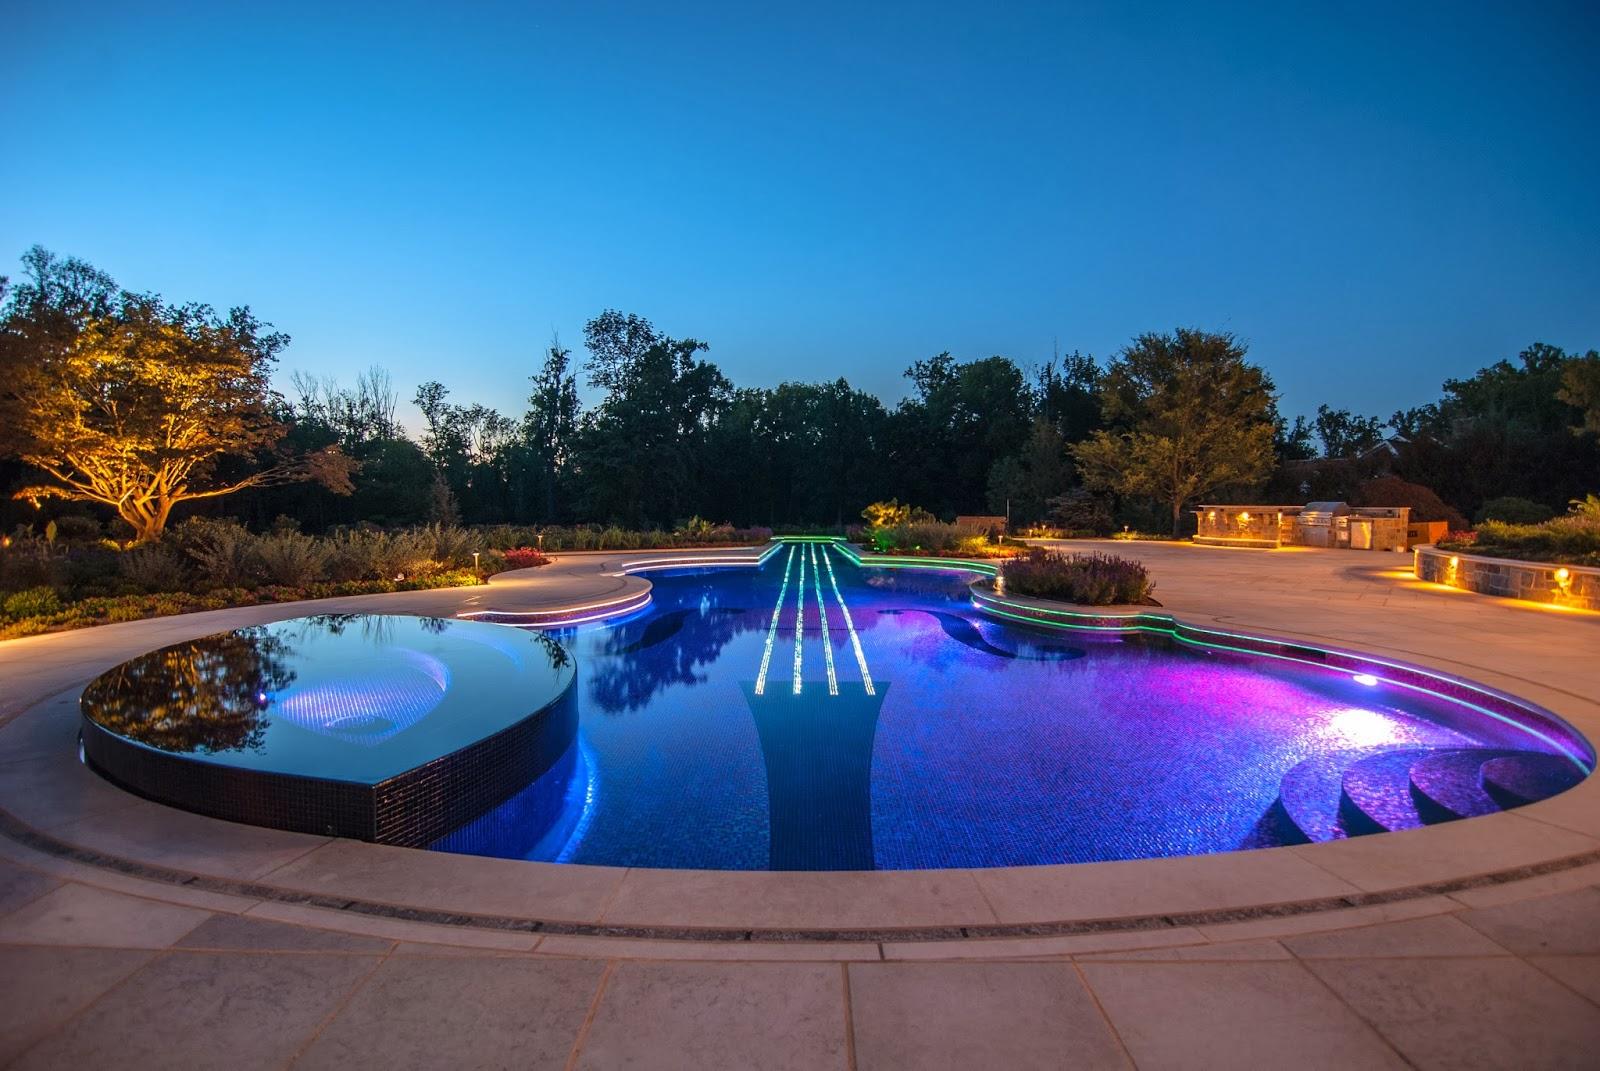 jornada nos estados unidos da am rica manuten o de piscinas. Black Bedroom Furniture Sets. Home Design Ideas